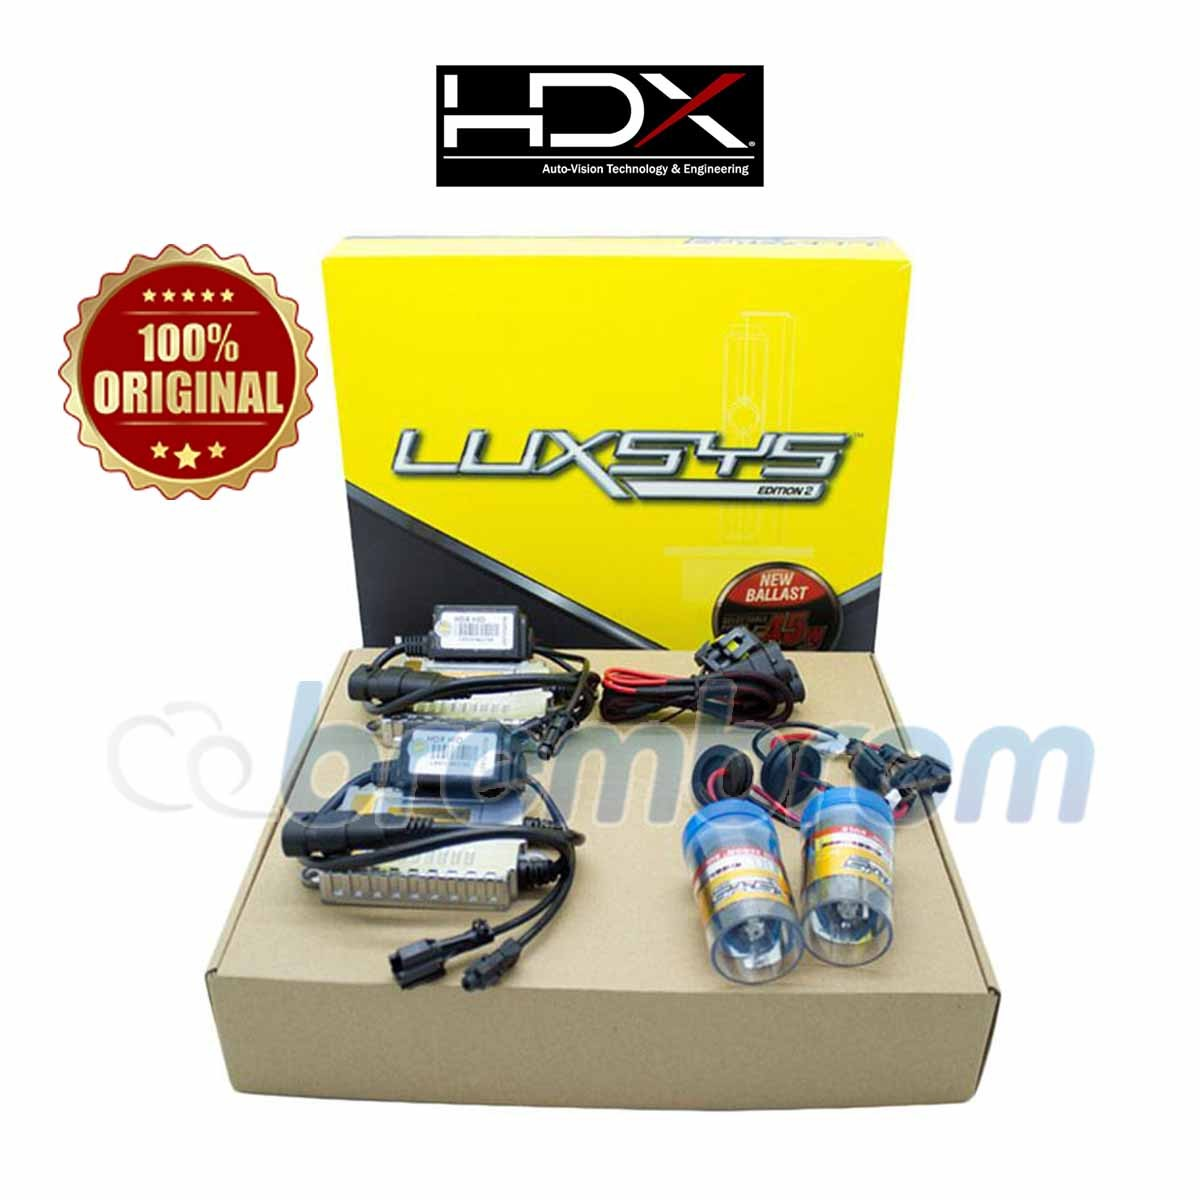 HDX LUXSYS H7 Hi LOW 6000K - LAMPU HID MOBIL